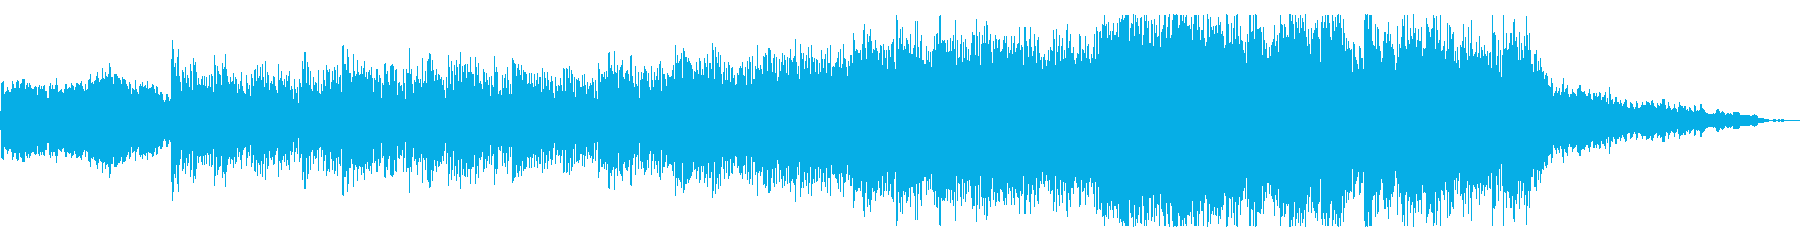 ファンタジー映画に最適なオーケストラ曲の再生済みの波形